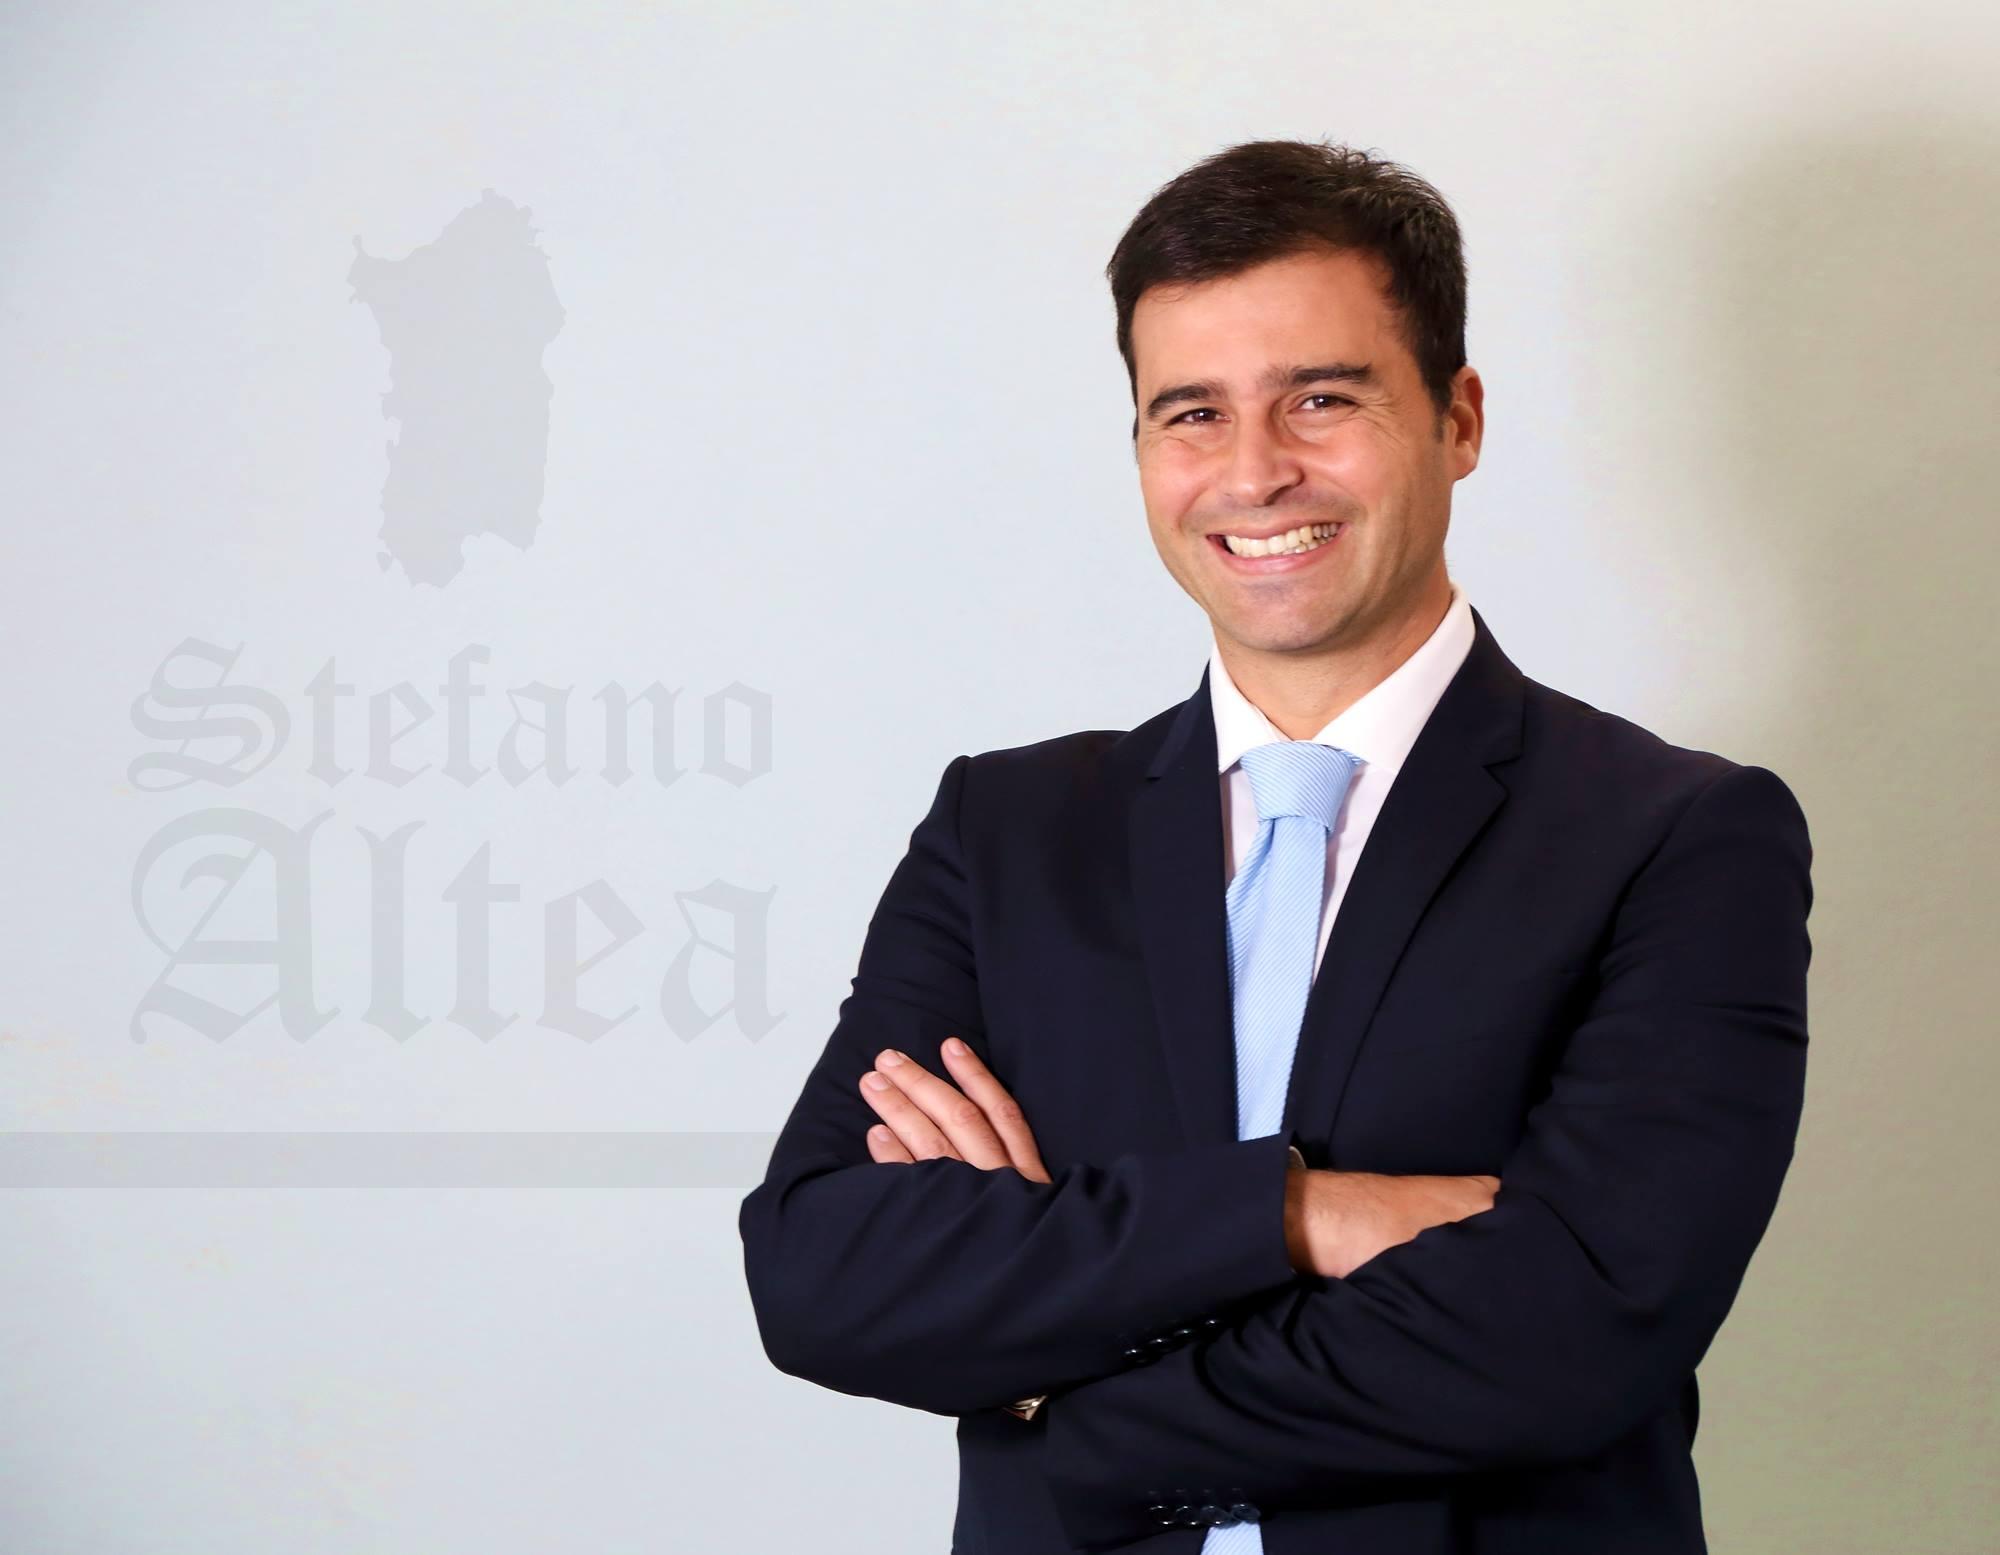 Stefano Altea